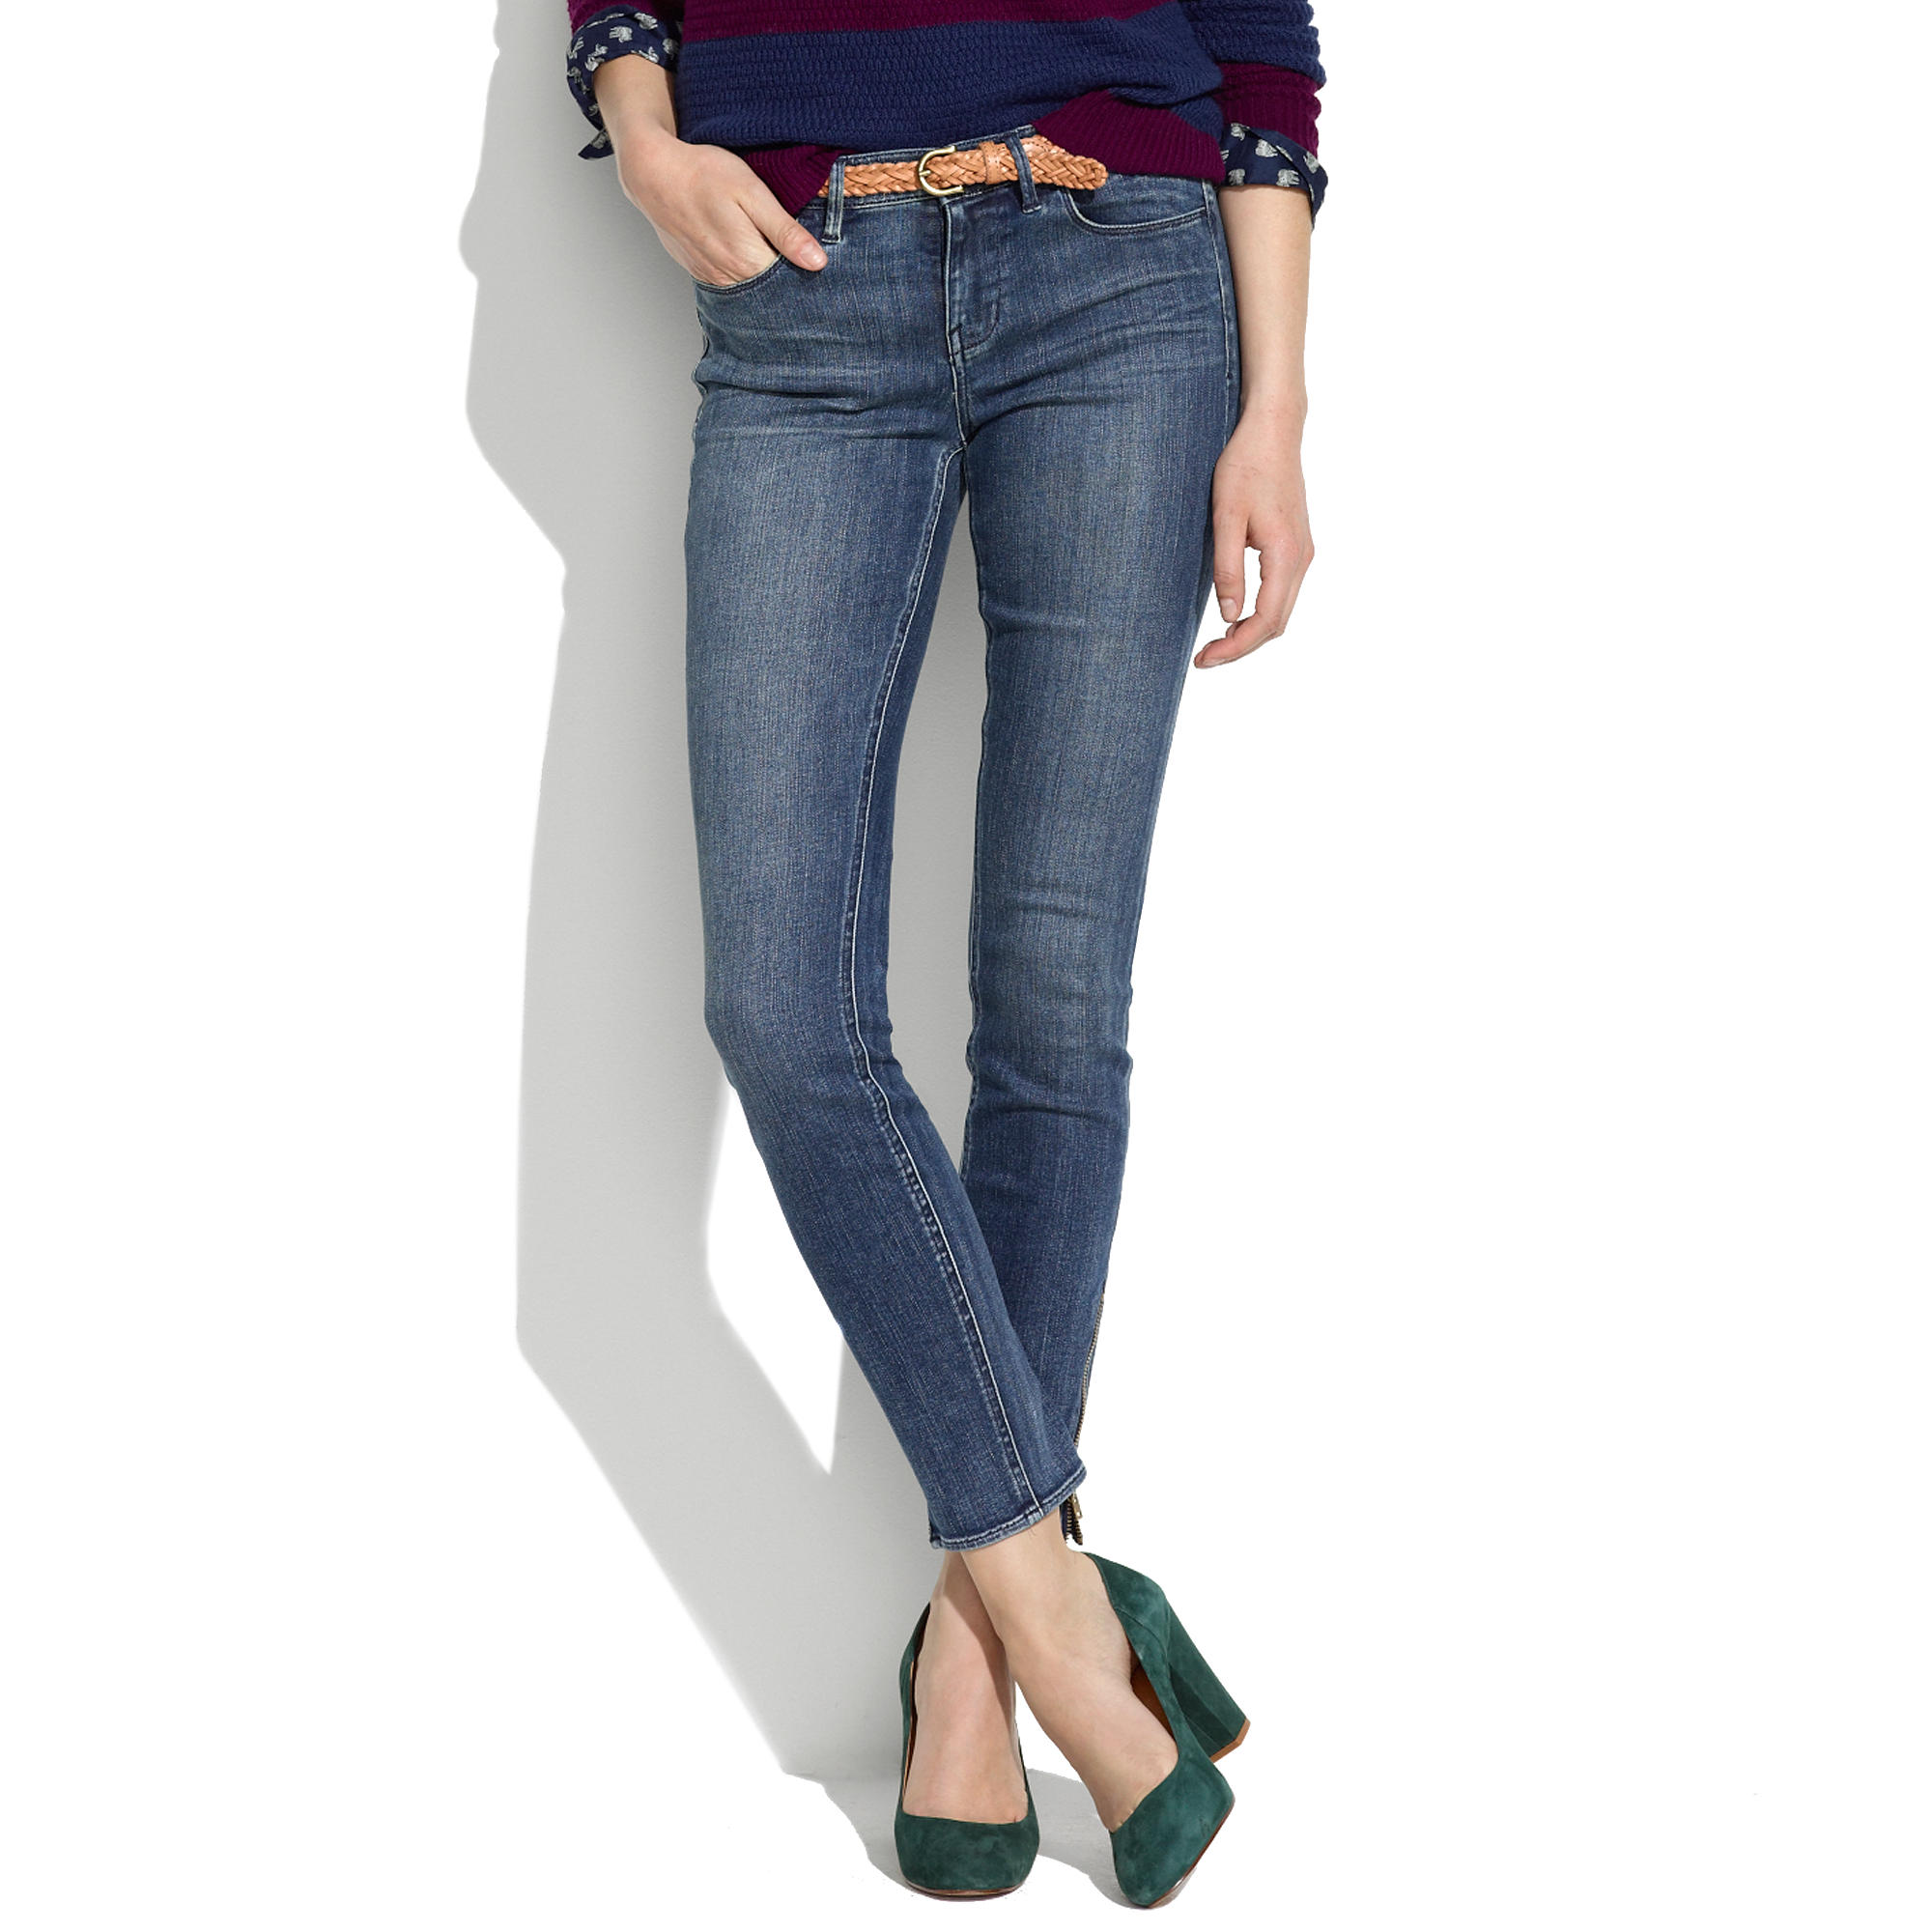 Skinny Skinny Ankle-Zip Jeans in Pool Wash : skinny jeans | Madewell